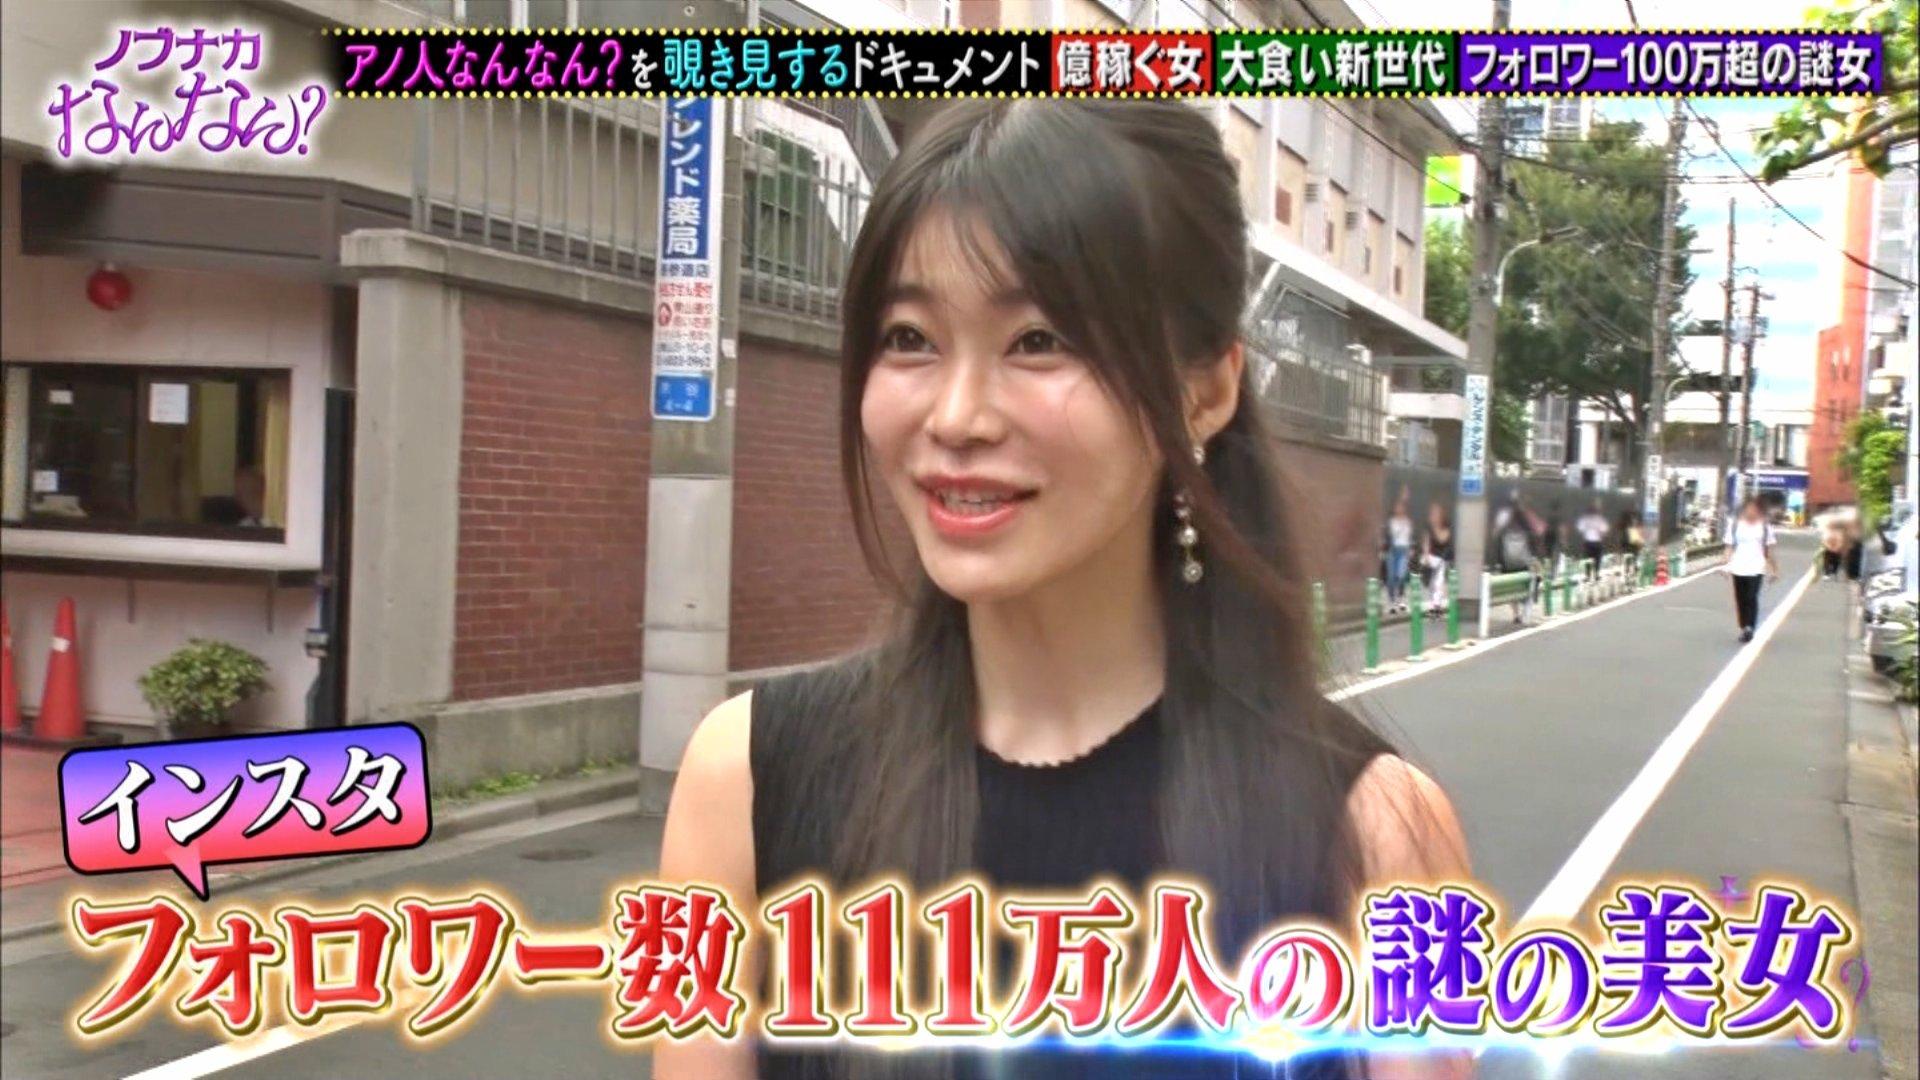 2019年10月7日に放送された「ノブナガなんなん?」に出演した渋谷ゆりさんのテレビキャプチャー画像-011